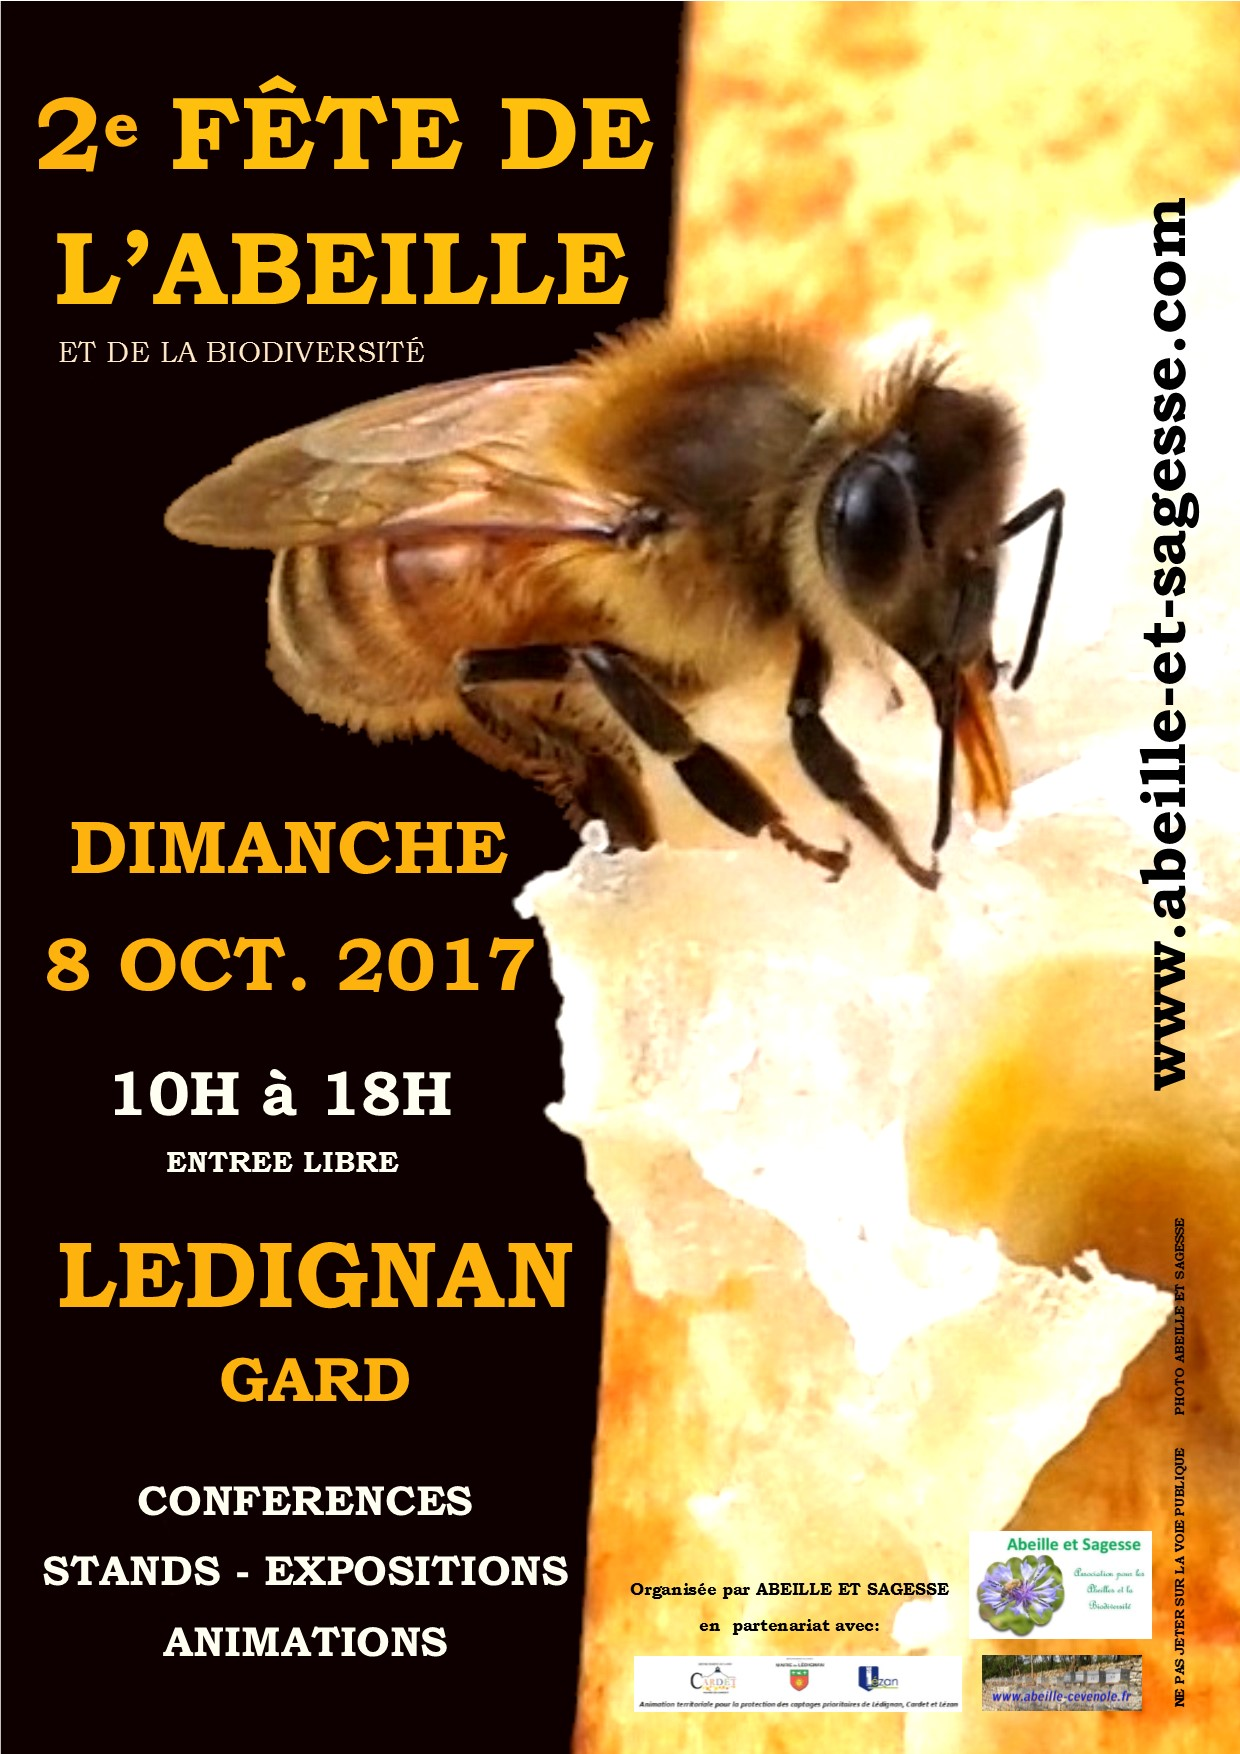 Affiche 2e fete abeille 2017